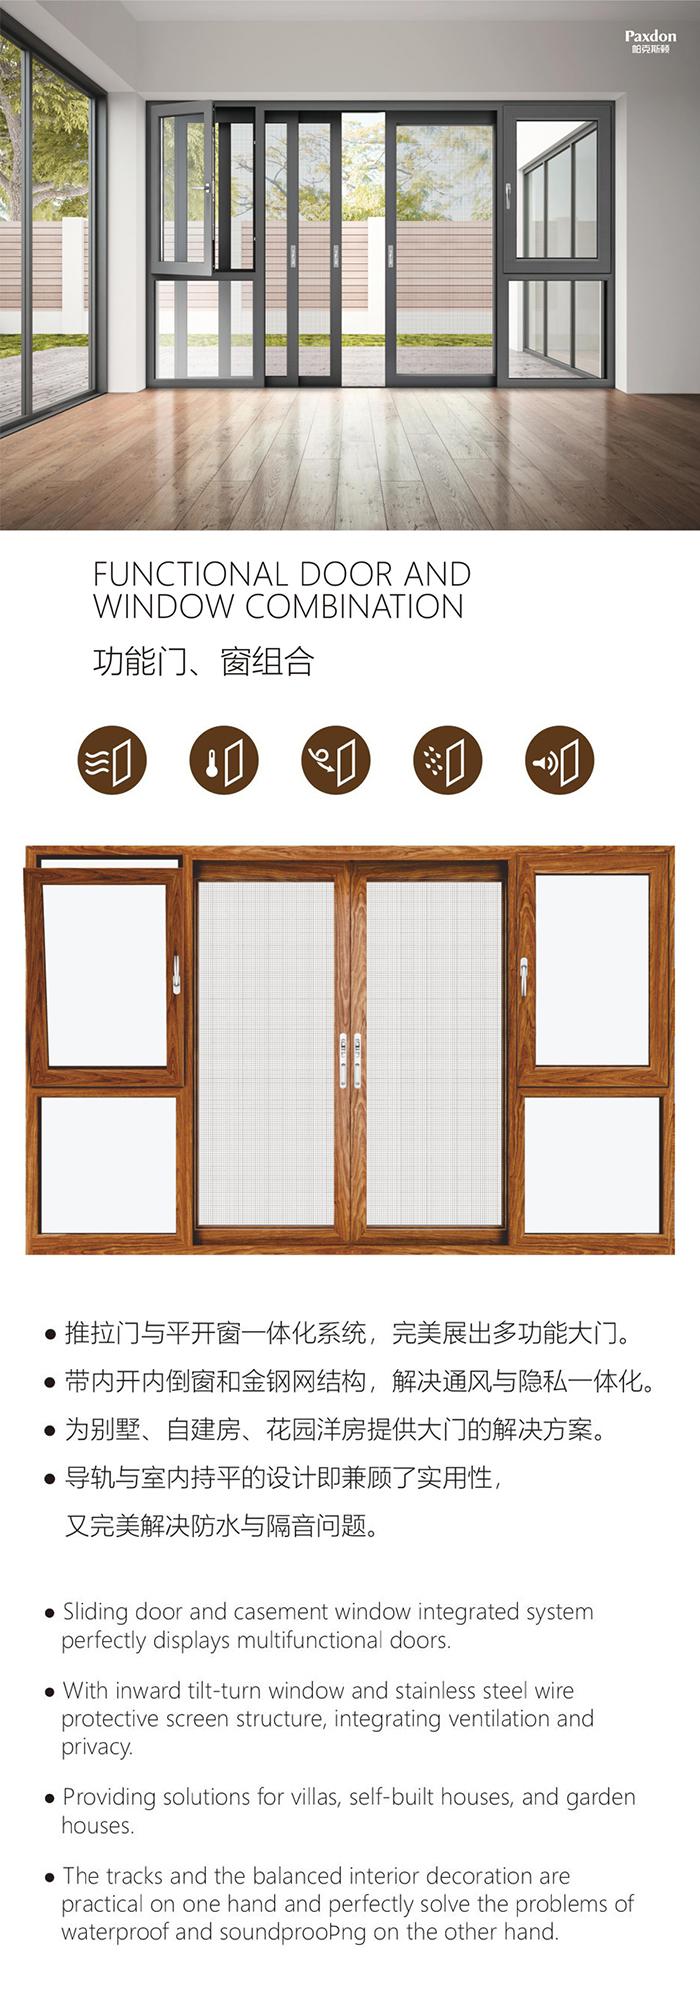 兴发帕克斯顿门窗系统功能门窗组合1.jpg